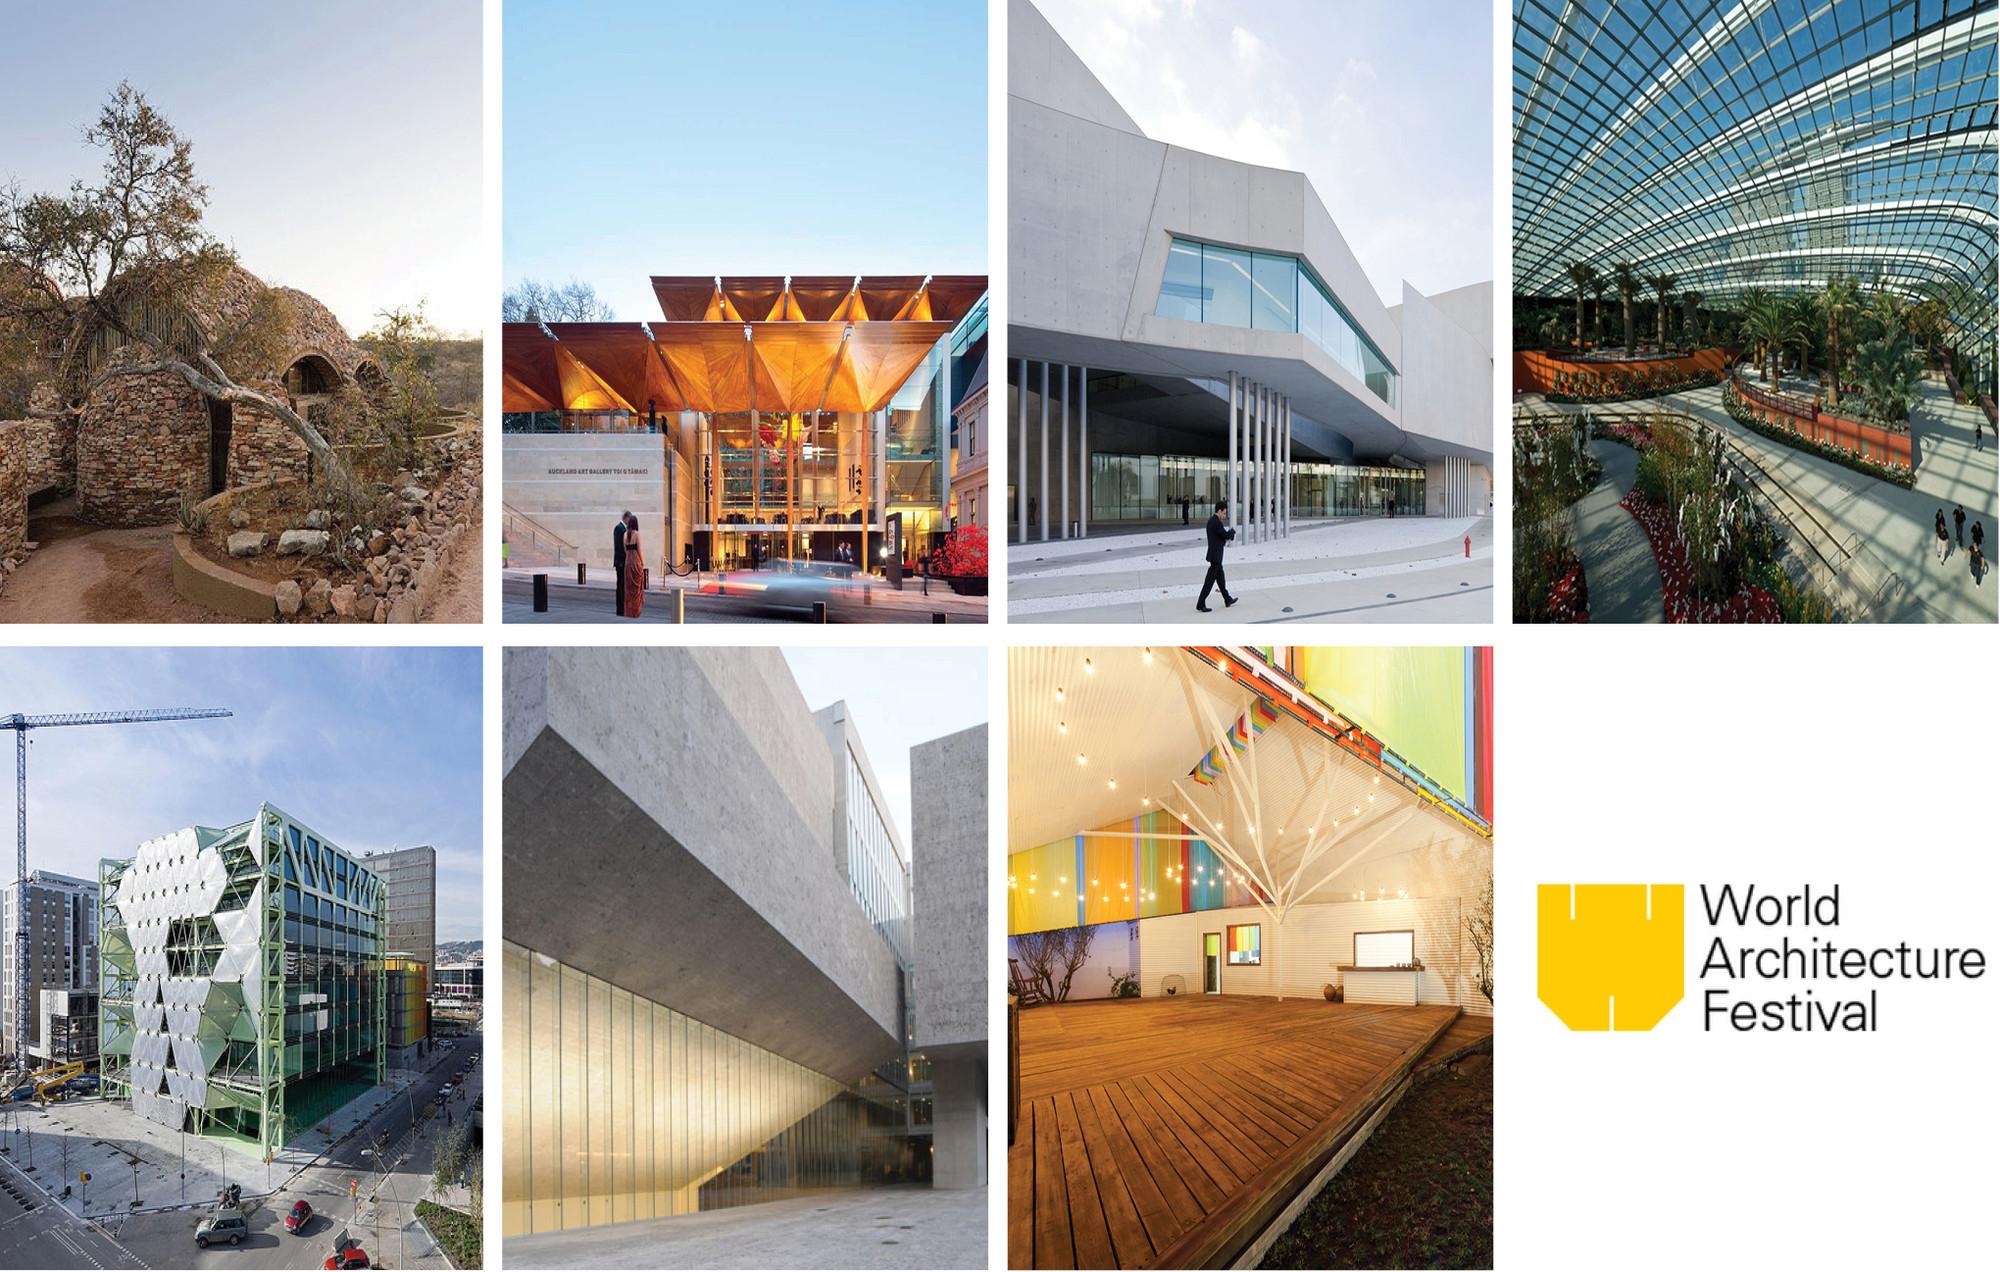 Archivo: Historia de los ganadores del World Architecture Festival, Historia de los ganadores del Festival Mundial de Arquitectura